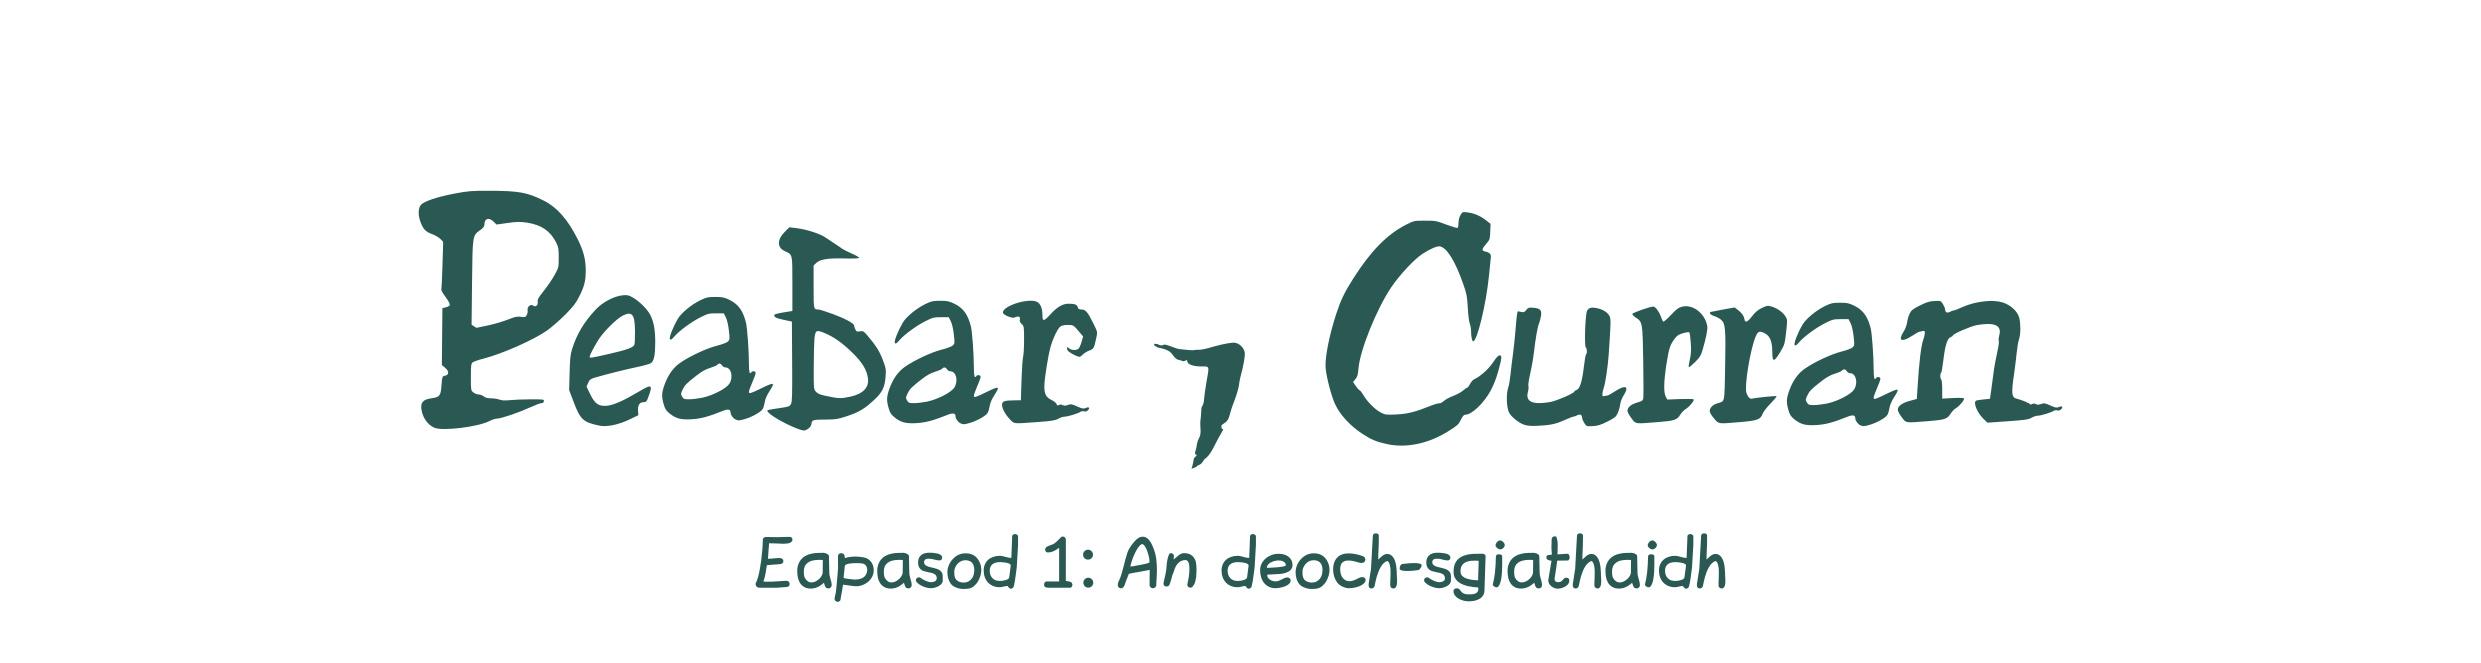 Eapasod 1: An deoch-sgiathaidh